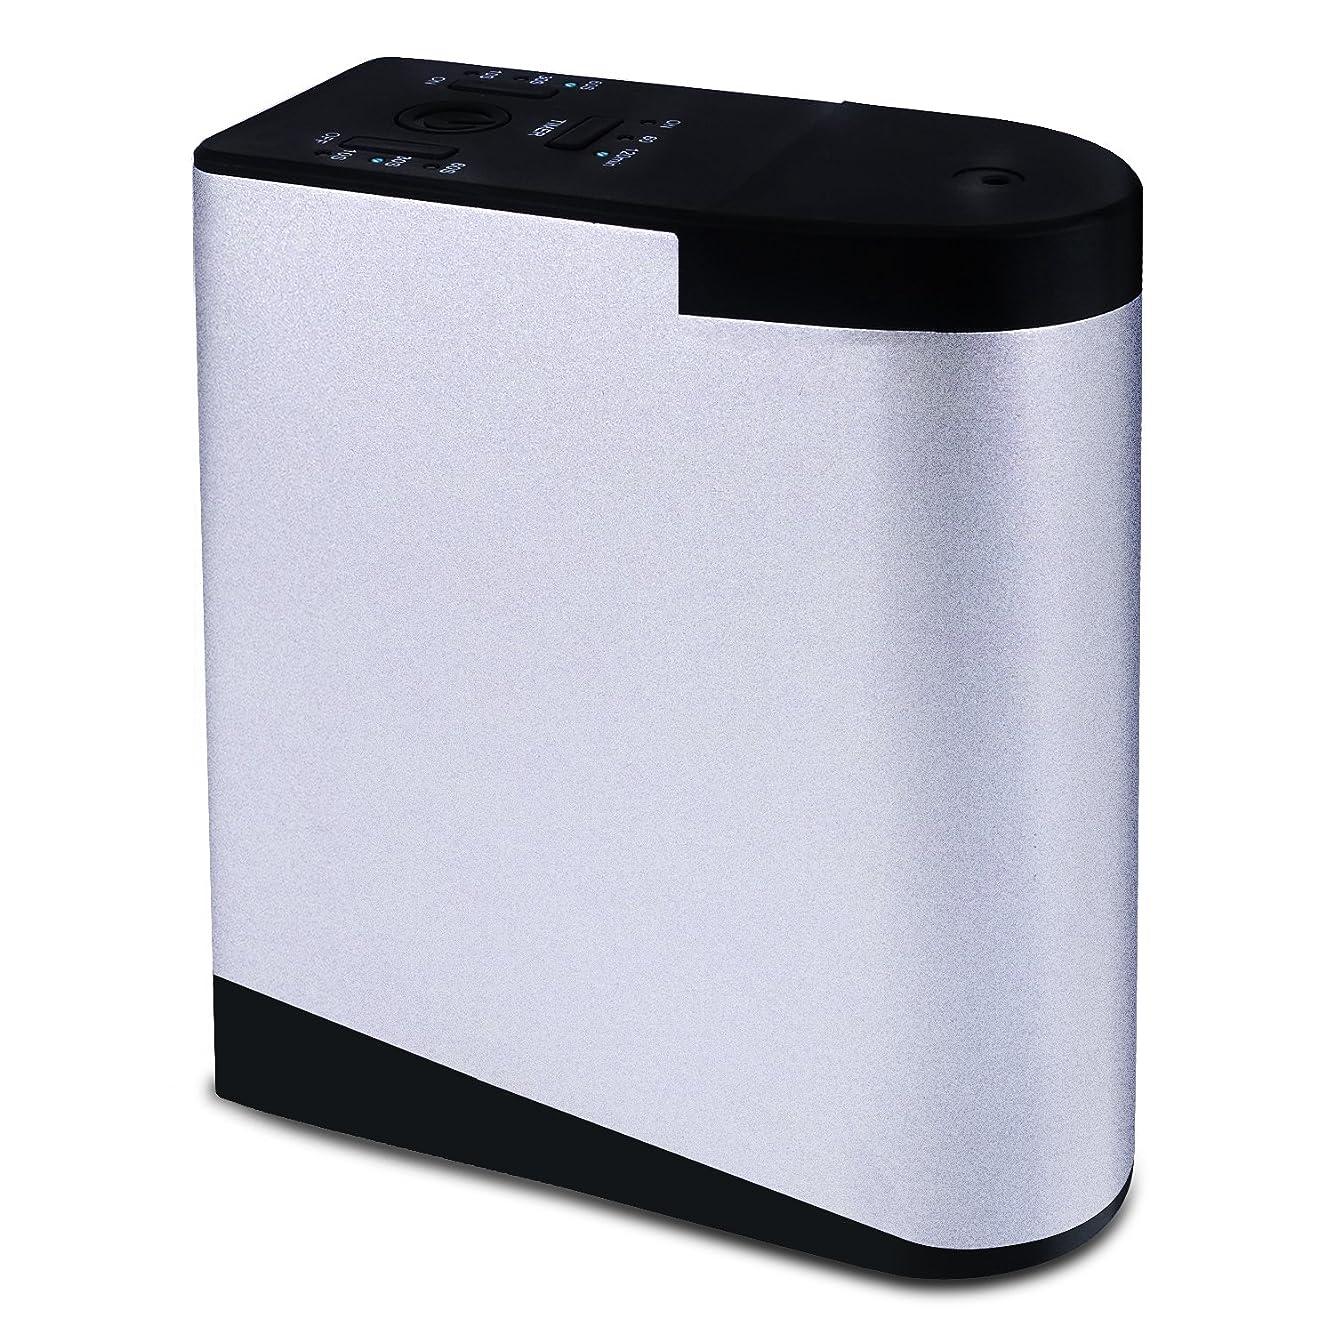 アフリカ変装した公ENERG e's Memory アロマディフューザー メモリー?タイマー機能 ネブライザー式 精油瓶2個スポイト付き T11-EN098